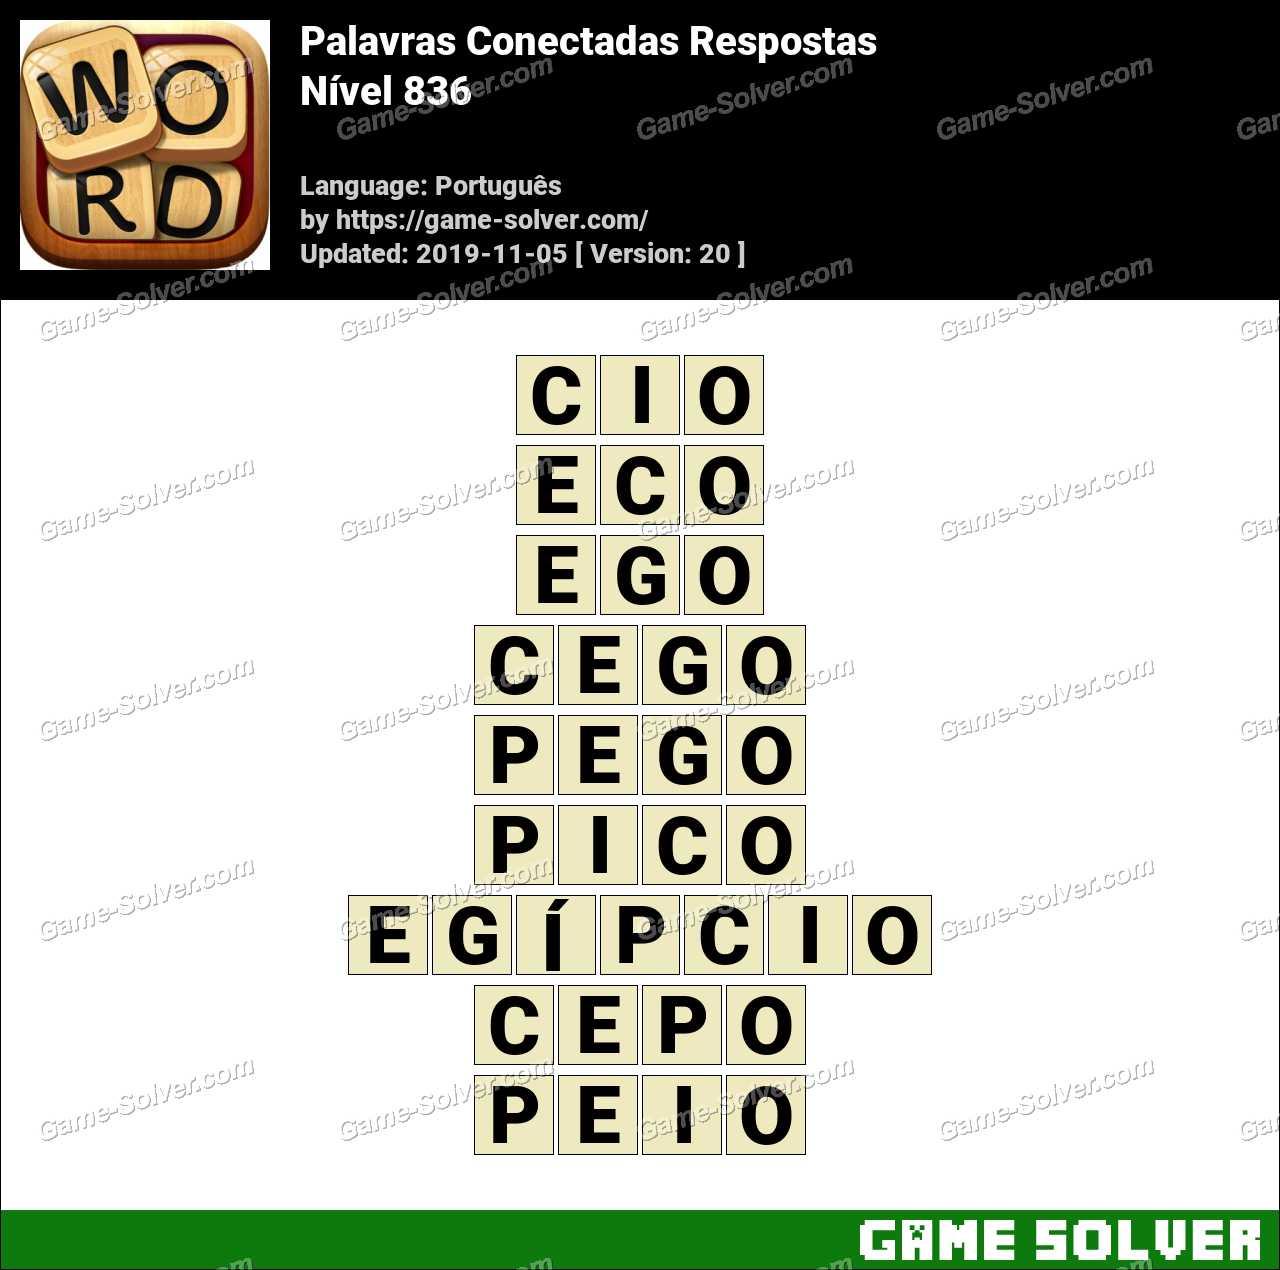 Palavras Conectadas Nivel 836 Respostas